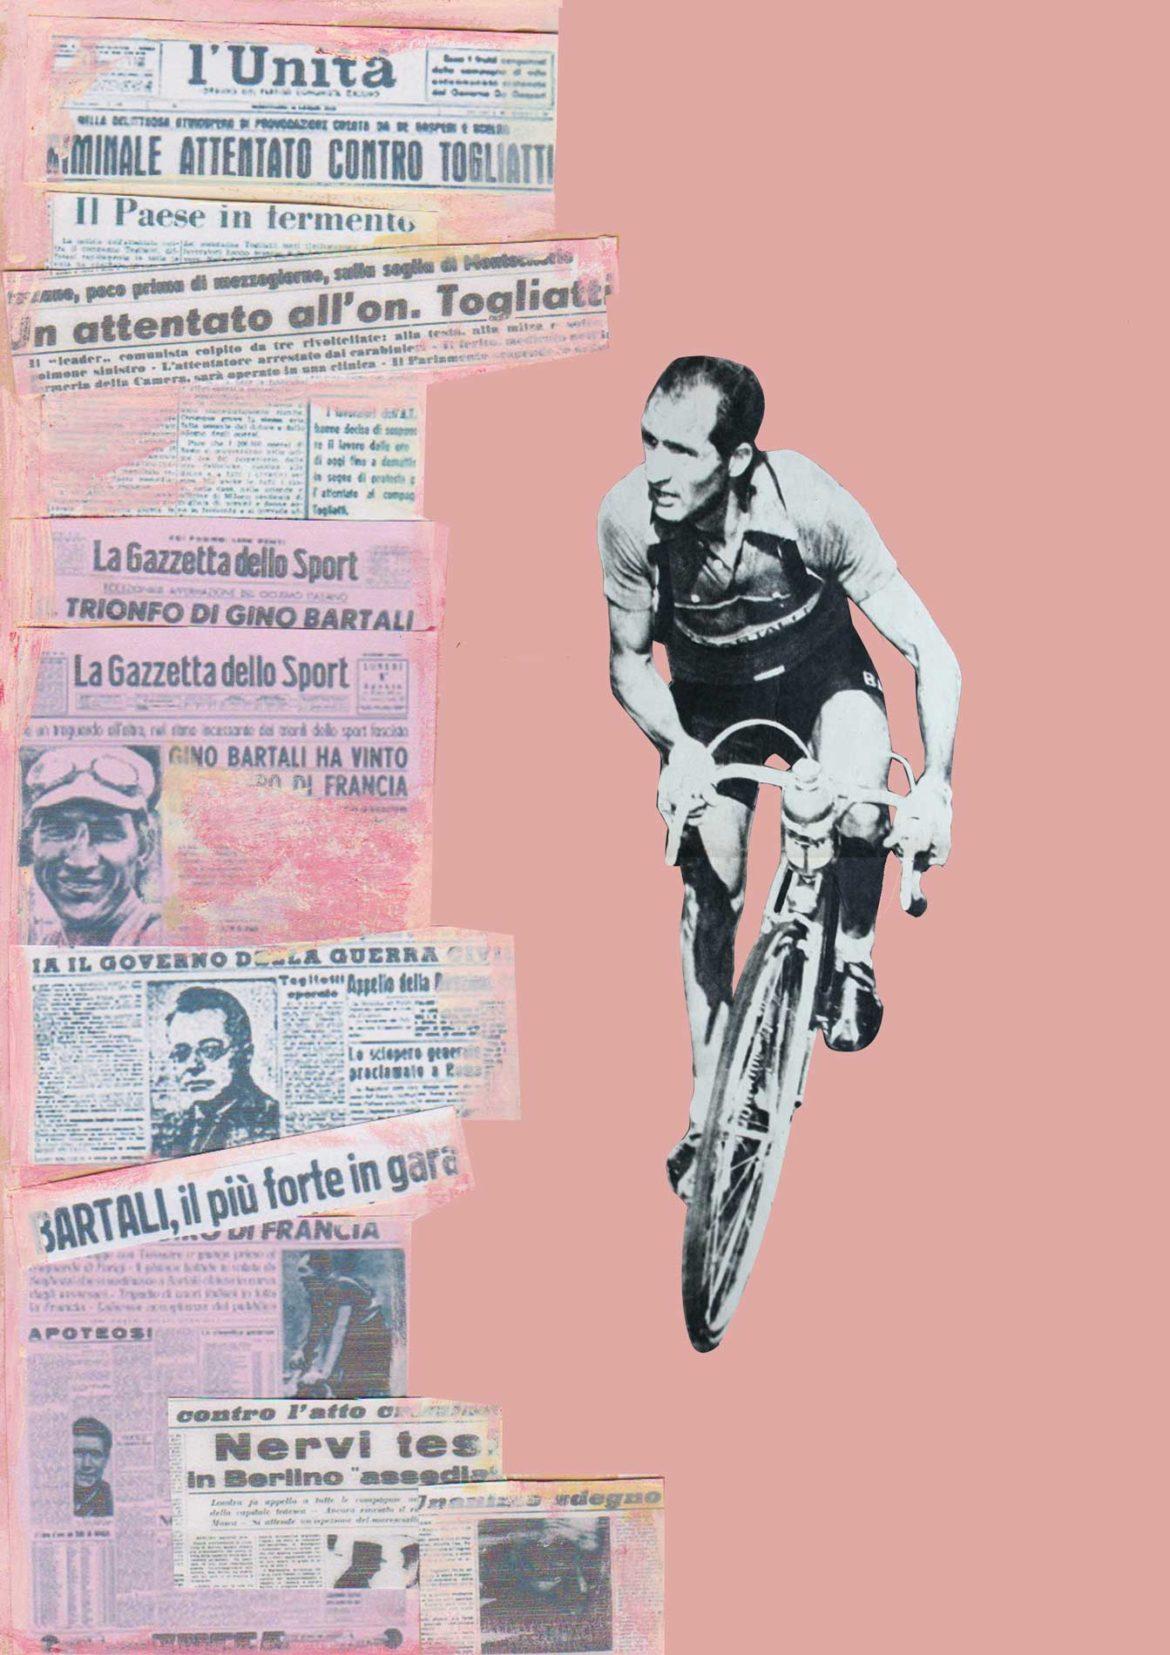 Gino-Bartali-al-Tour-de-France-1948-collage-1170x1655